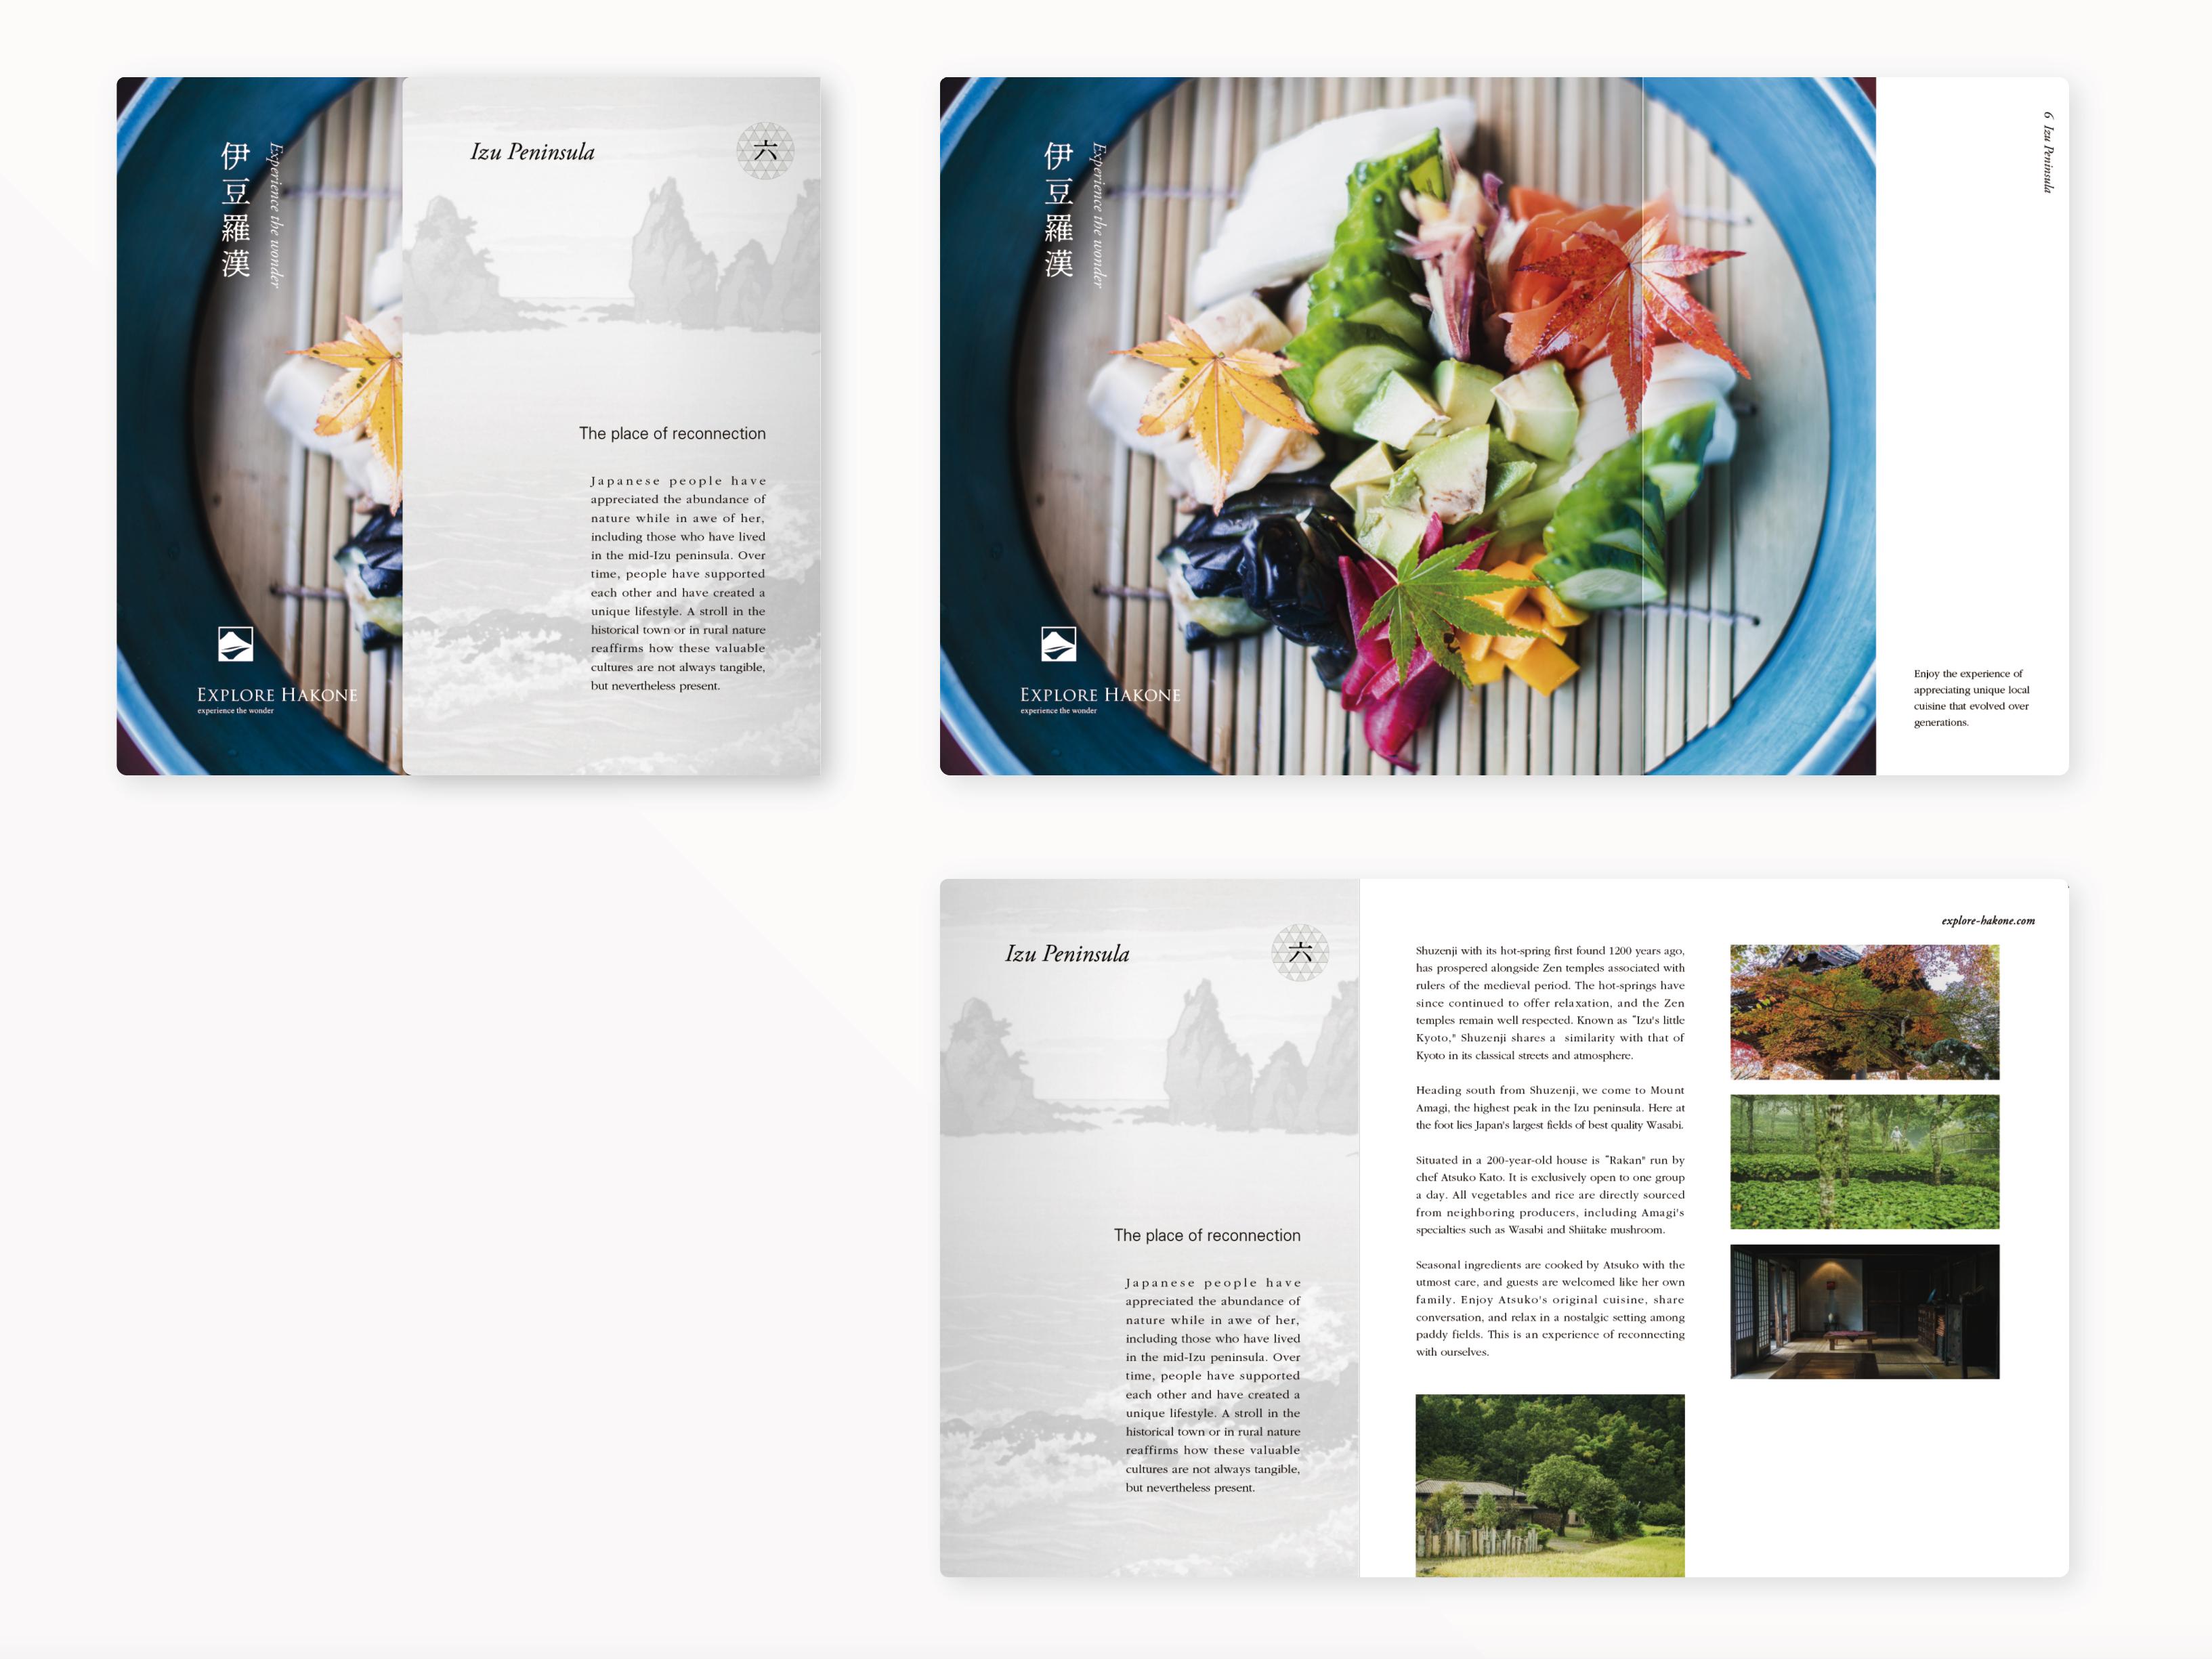 グラフィックデザイン パンフレットデザイン パッケージデザイン 編集エディトリアル 神奈川県 箱根 伊豆